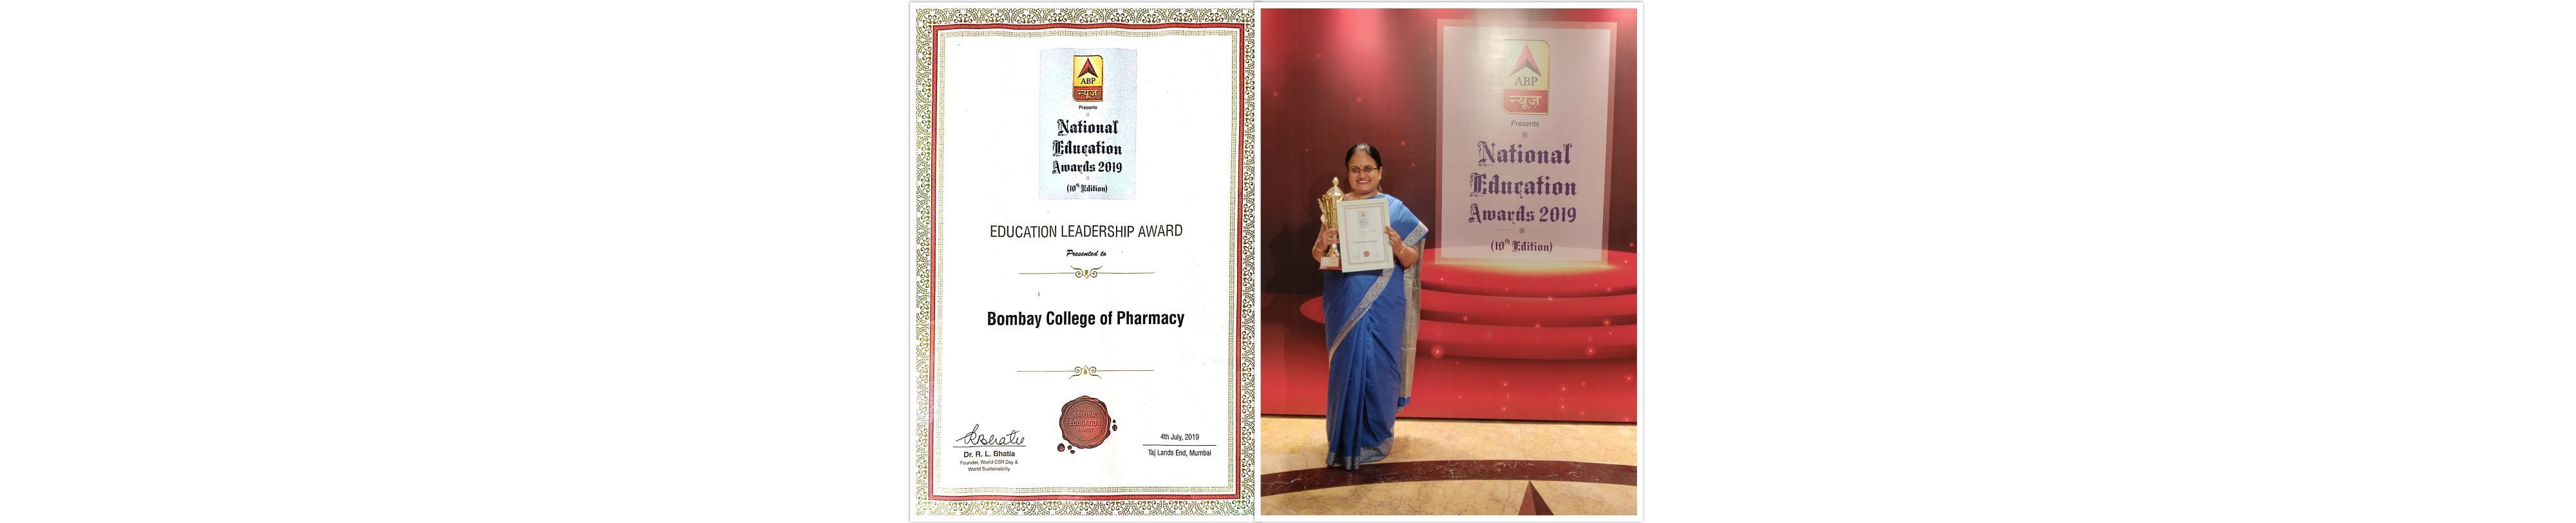 Bombay College of Pharmacy - India